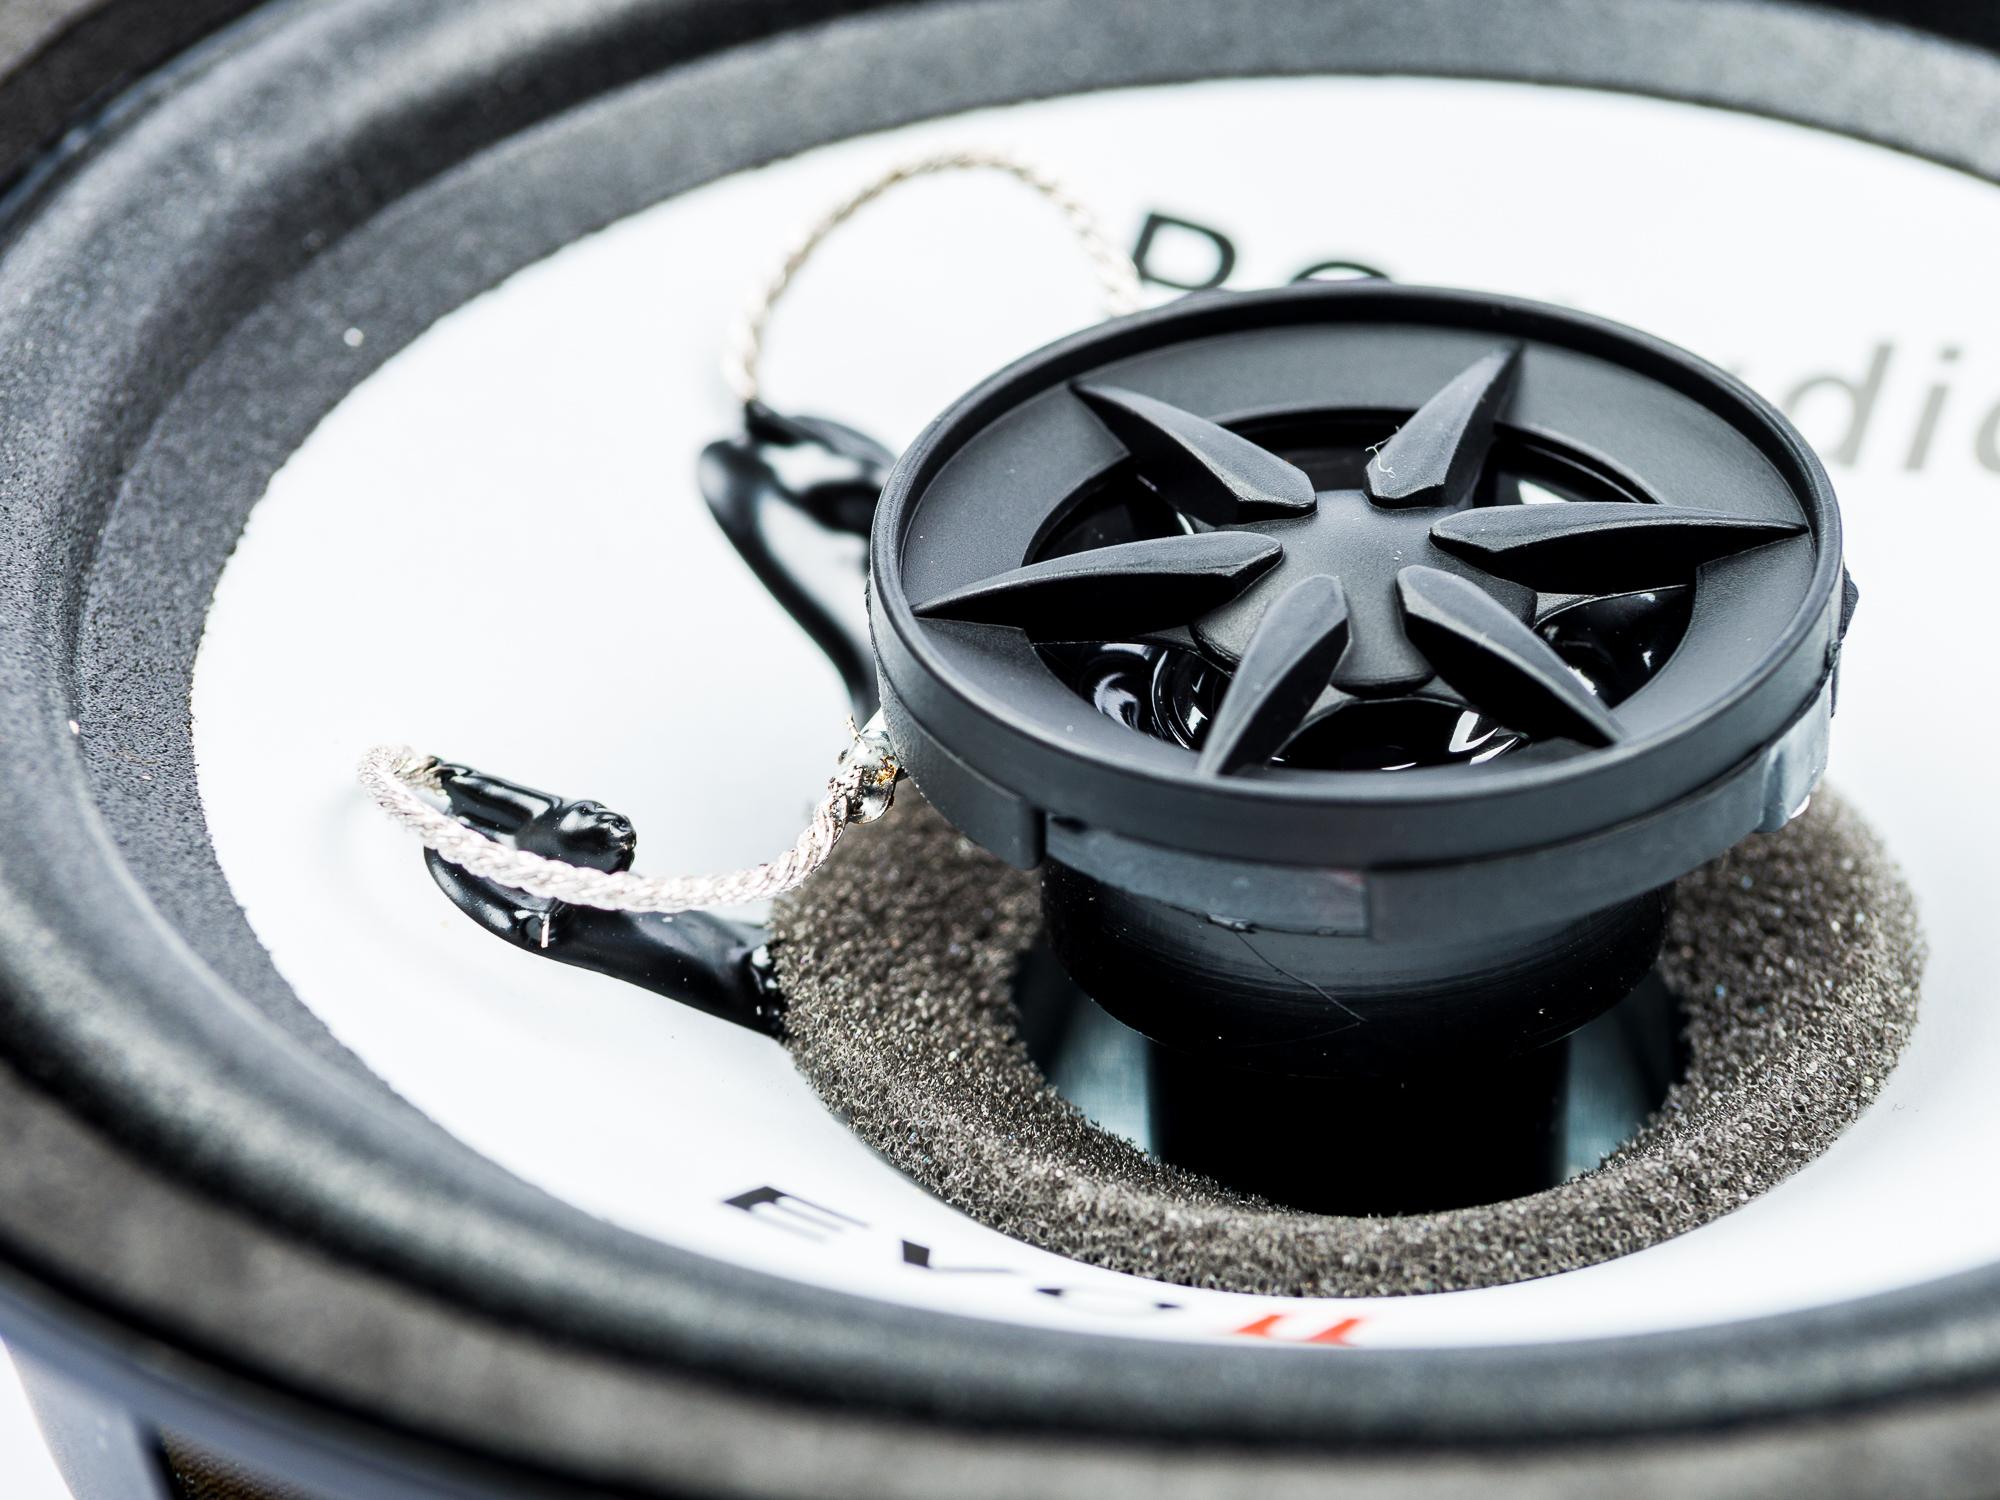 Fiat Bravo Lautsprecher Einbauset Tür vorne PG Audio – Bild 4